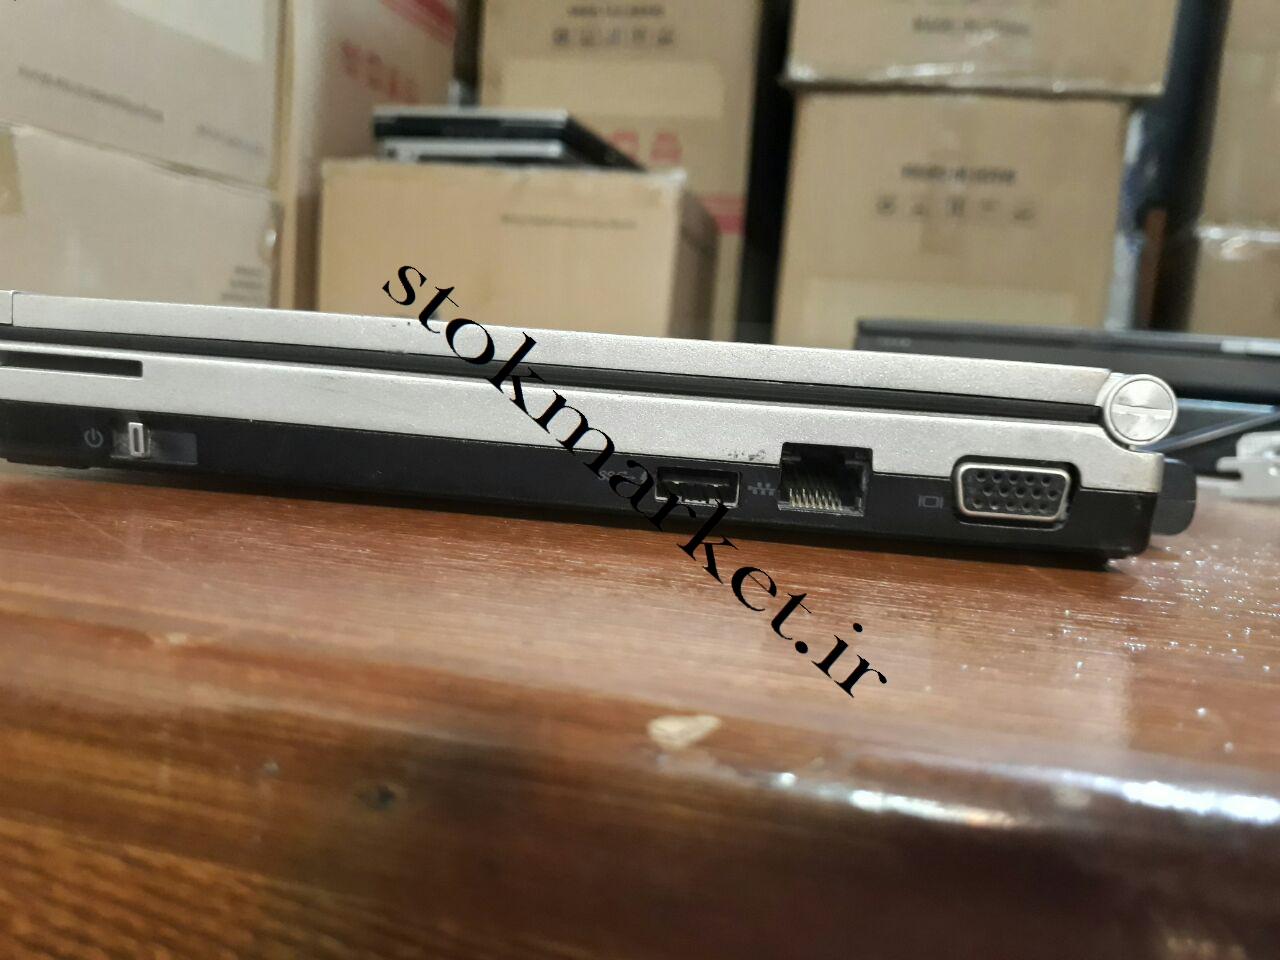 لپ تاپ دست دوم اچ پی مدل 2170p